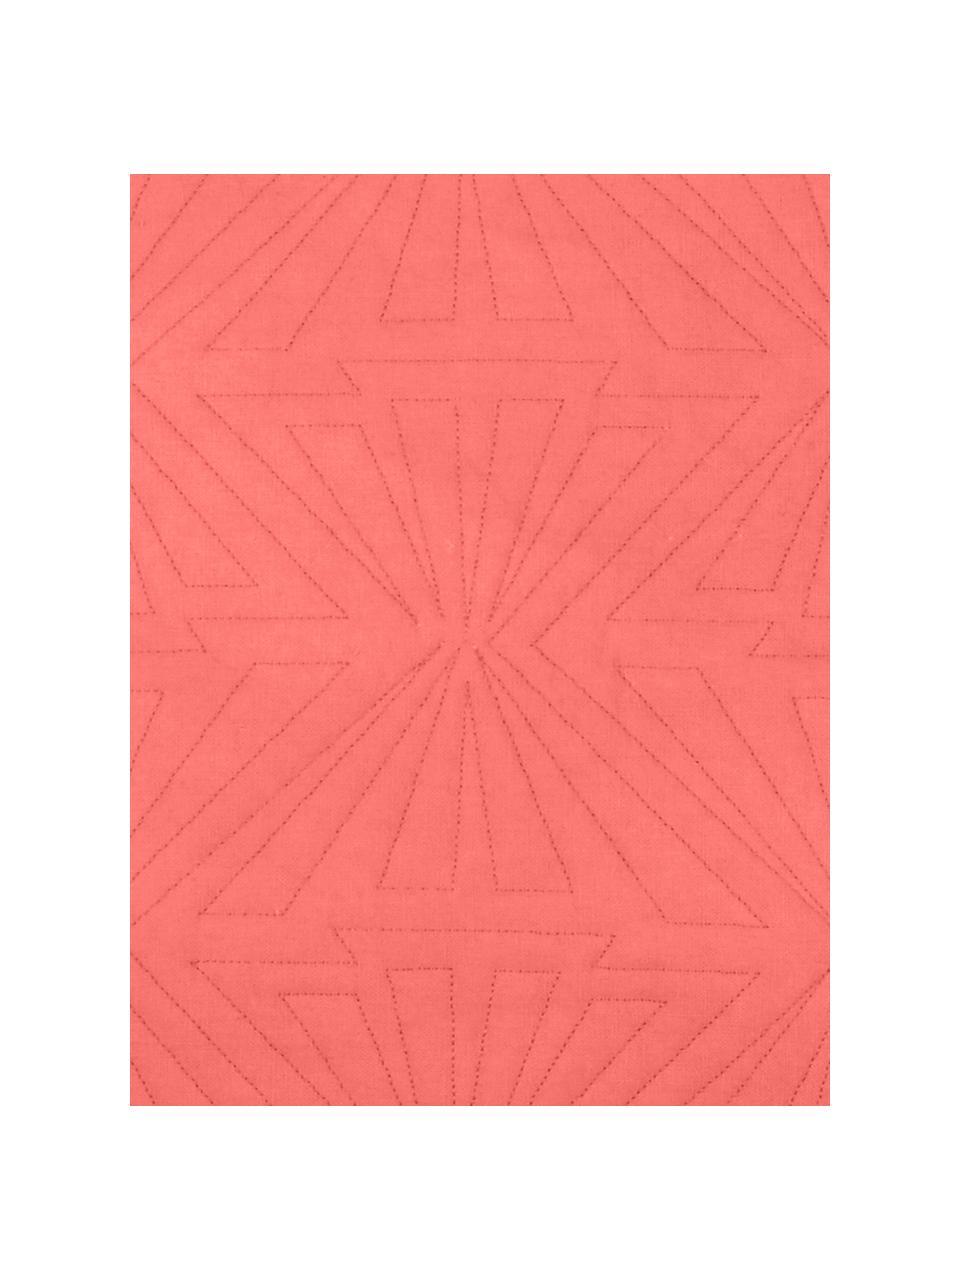 Coussin 55x55 corail Bauhaus, Corail